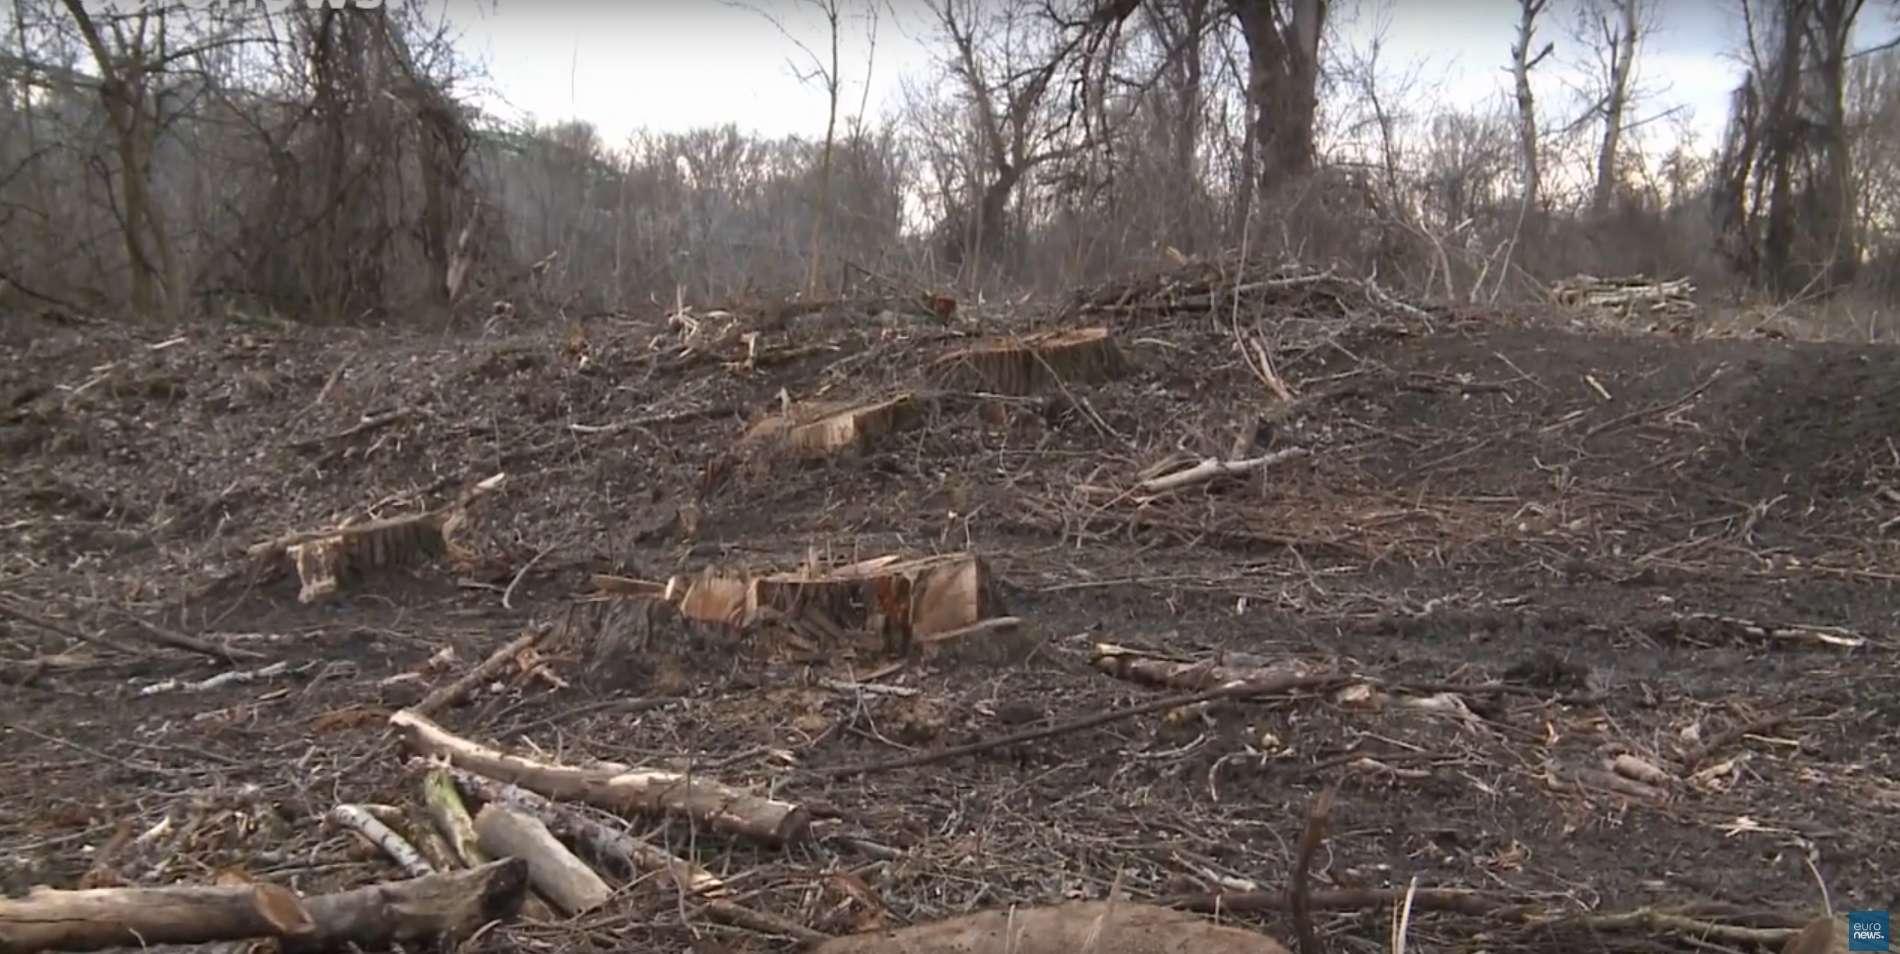 Une forêt centenaire a été rasée dans le cadre d'un programme européen de lutte contre les inondations. © Euronews, YouTube